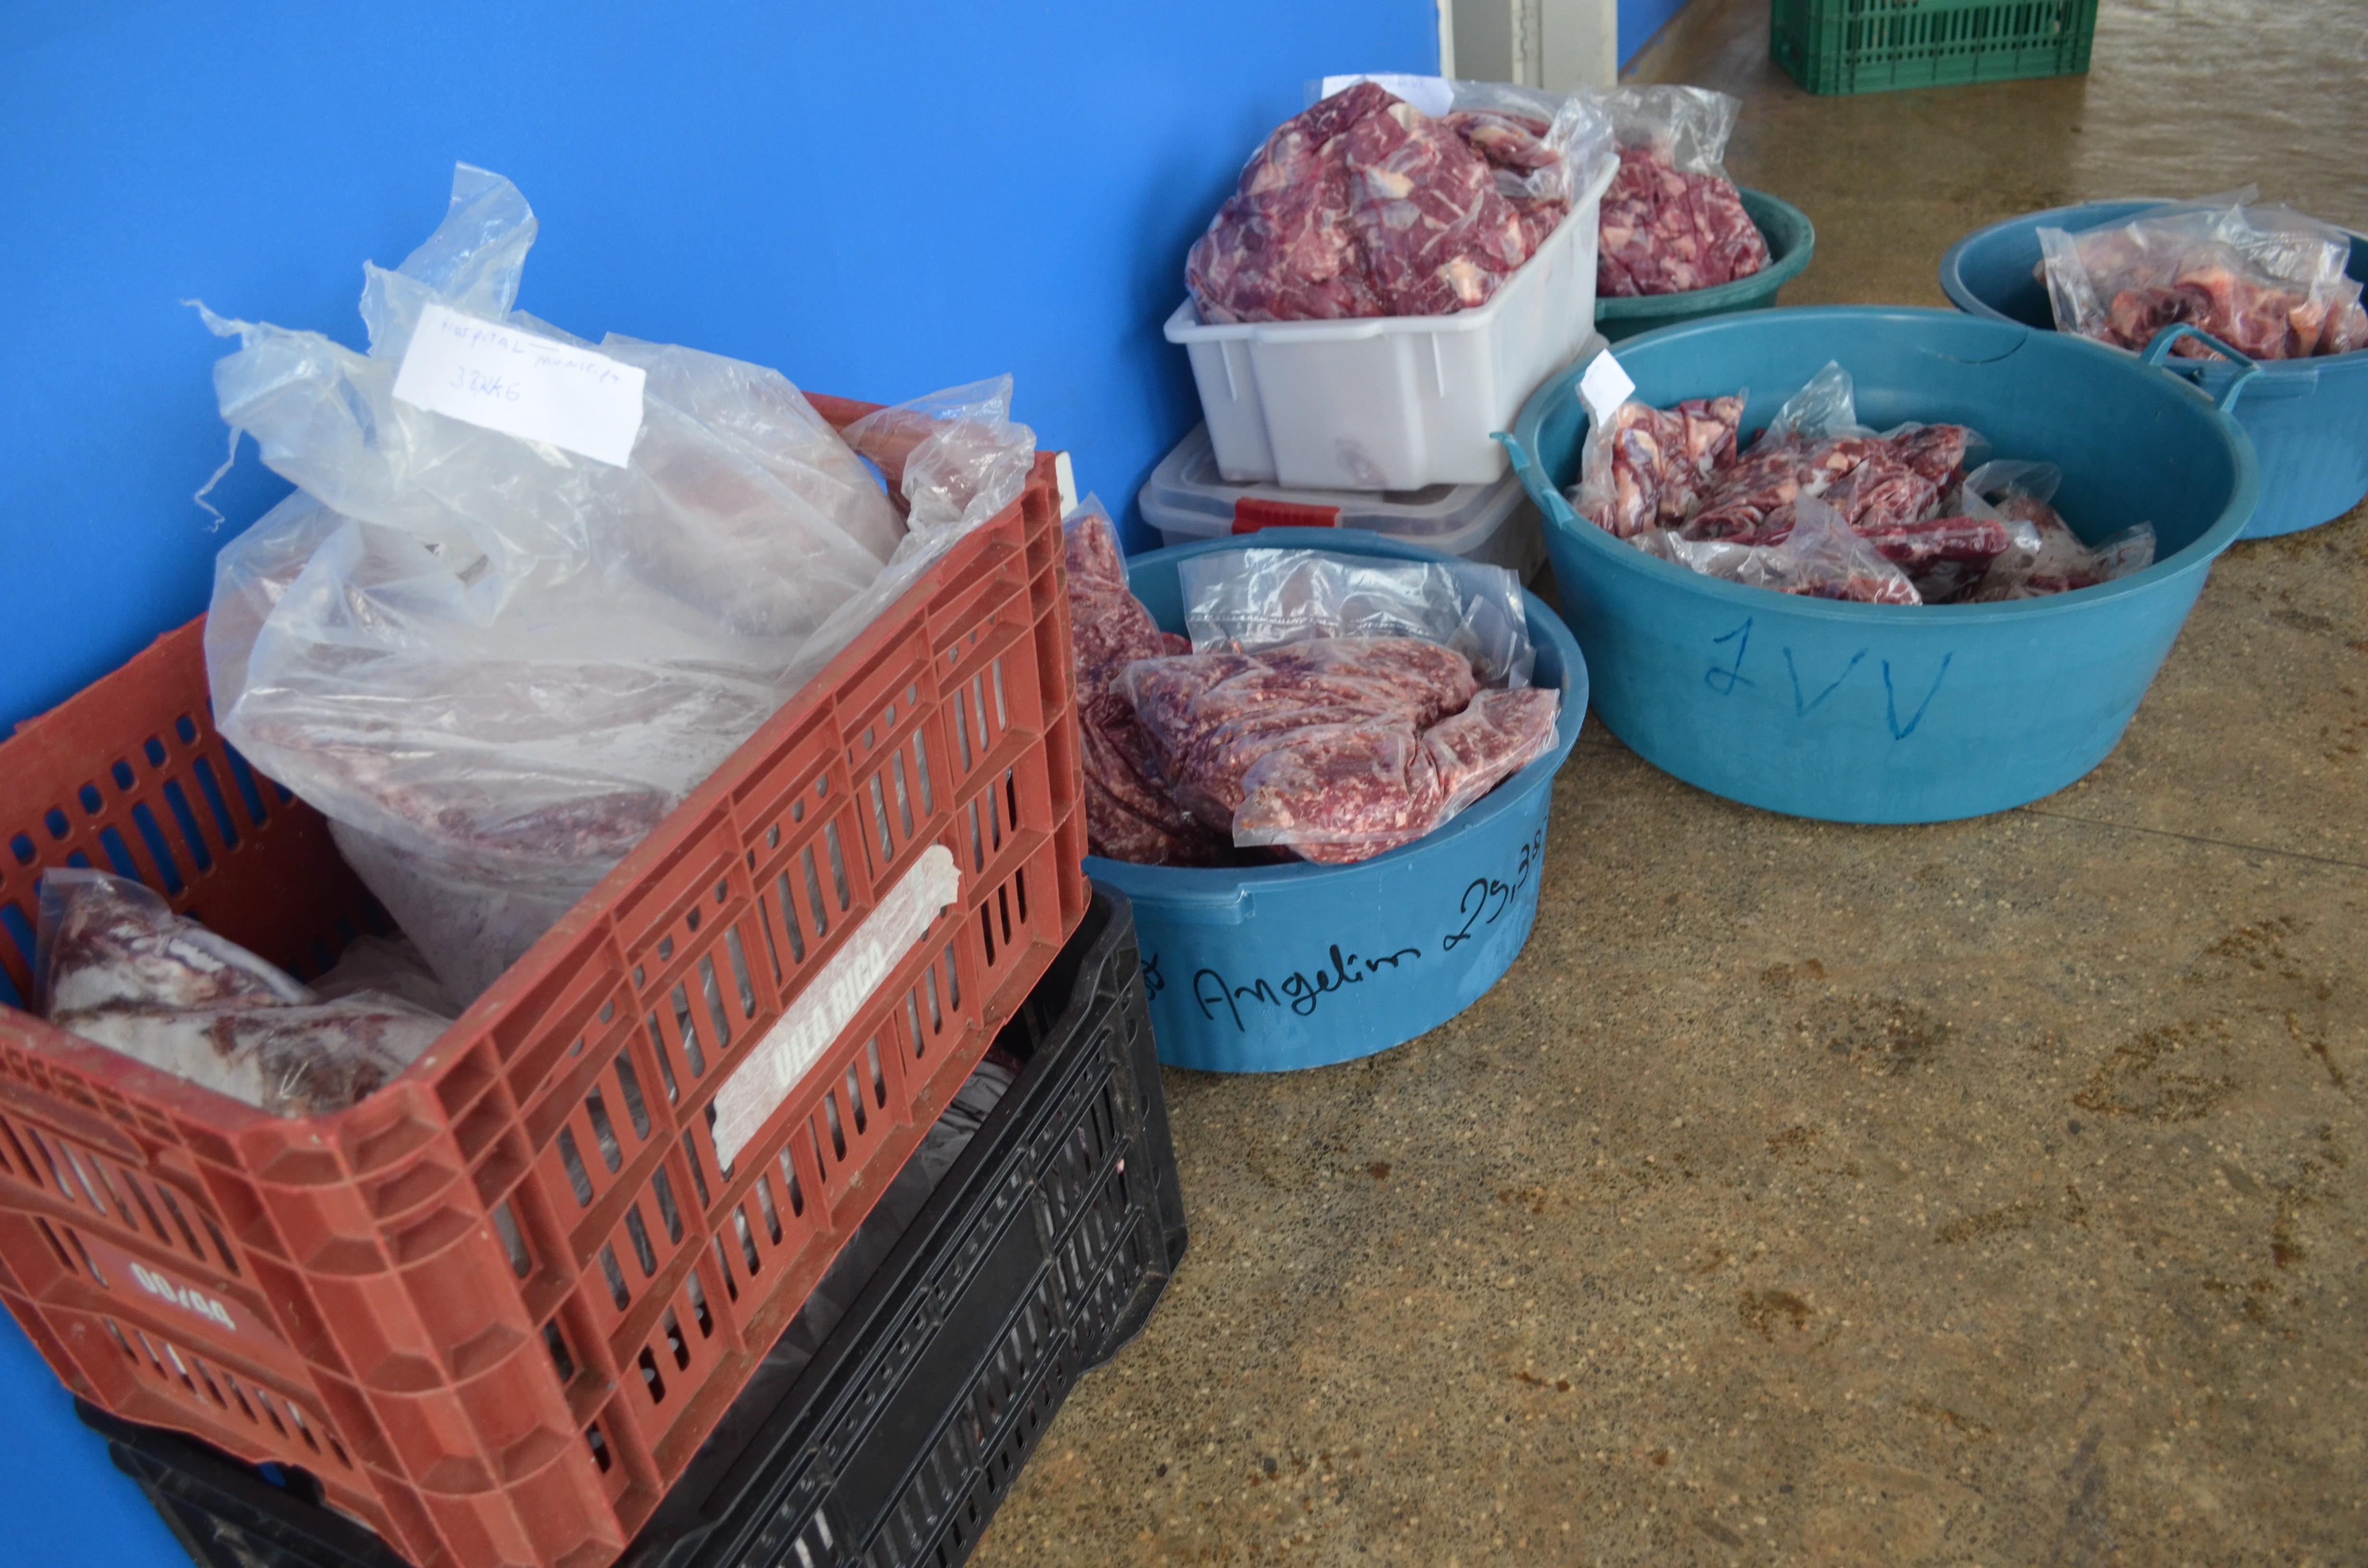 Carne para merenda escolar é apreendida por irregularidades em Colorado do Oeste, RO